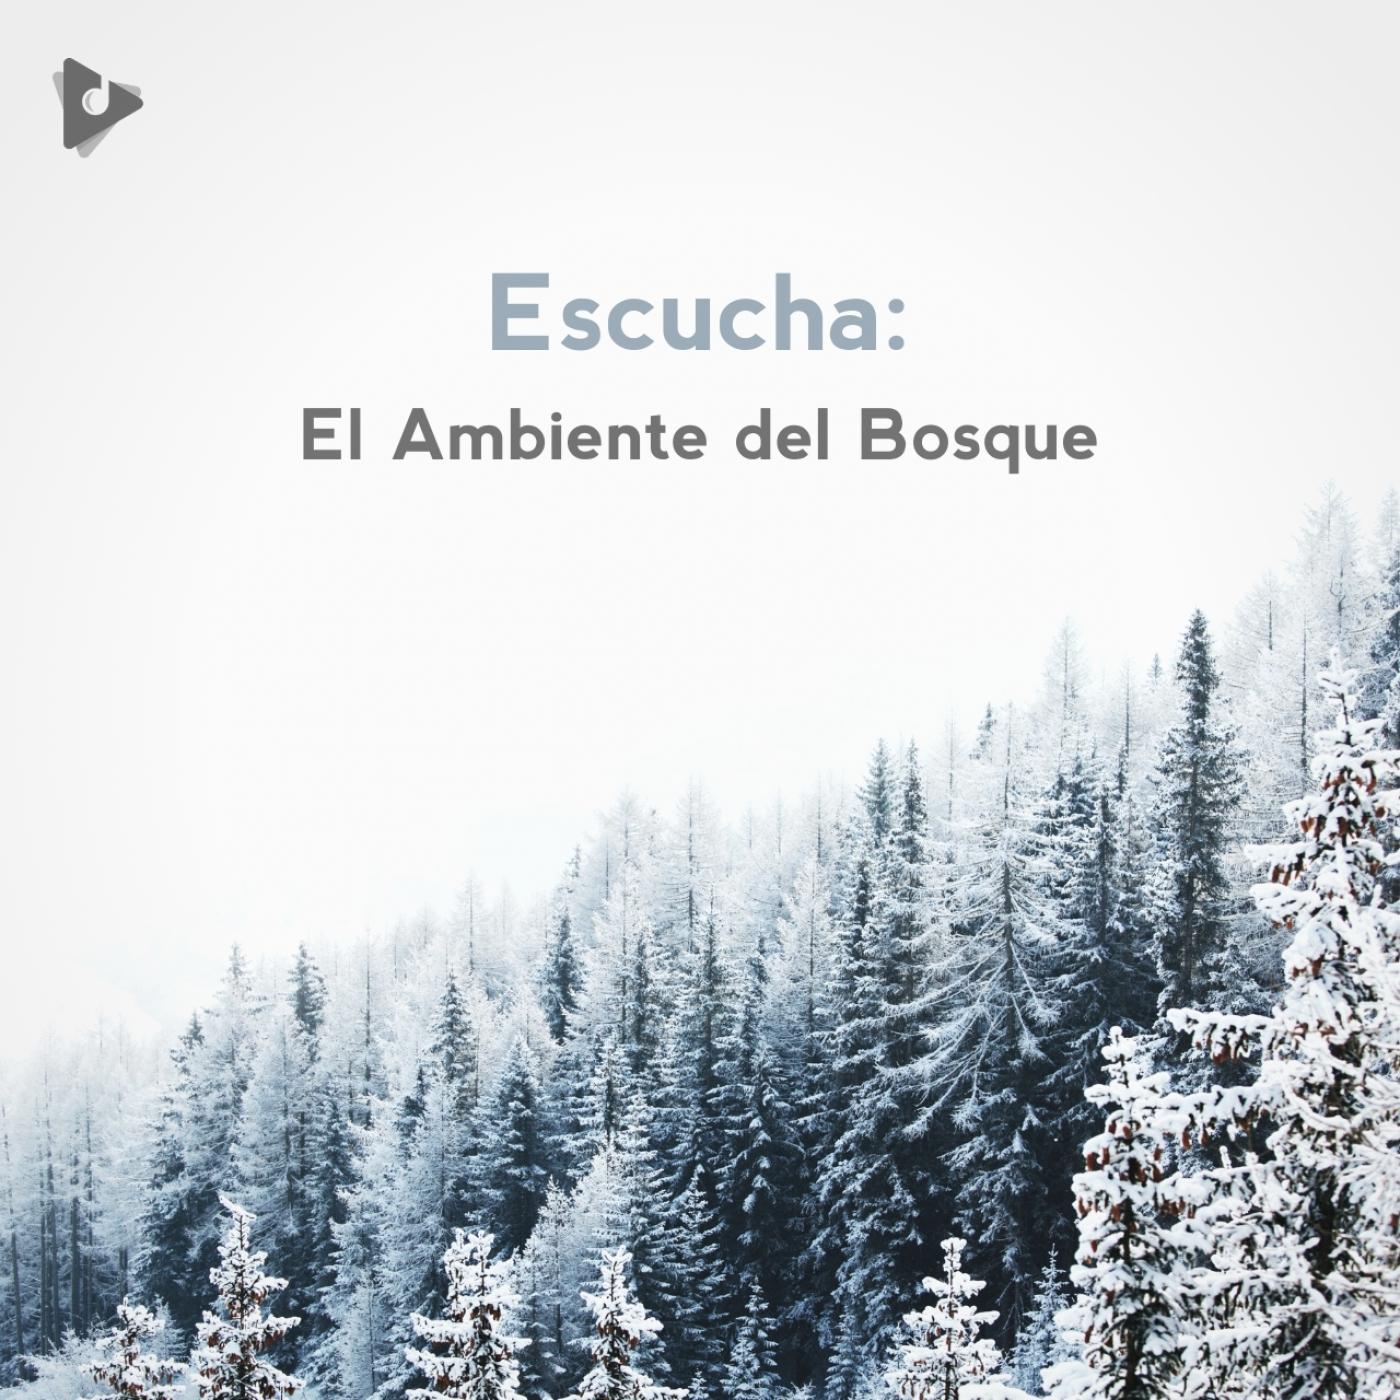 Escucha: El Ambiente del Bosque